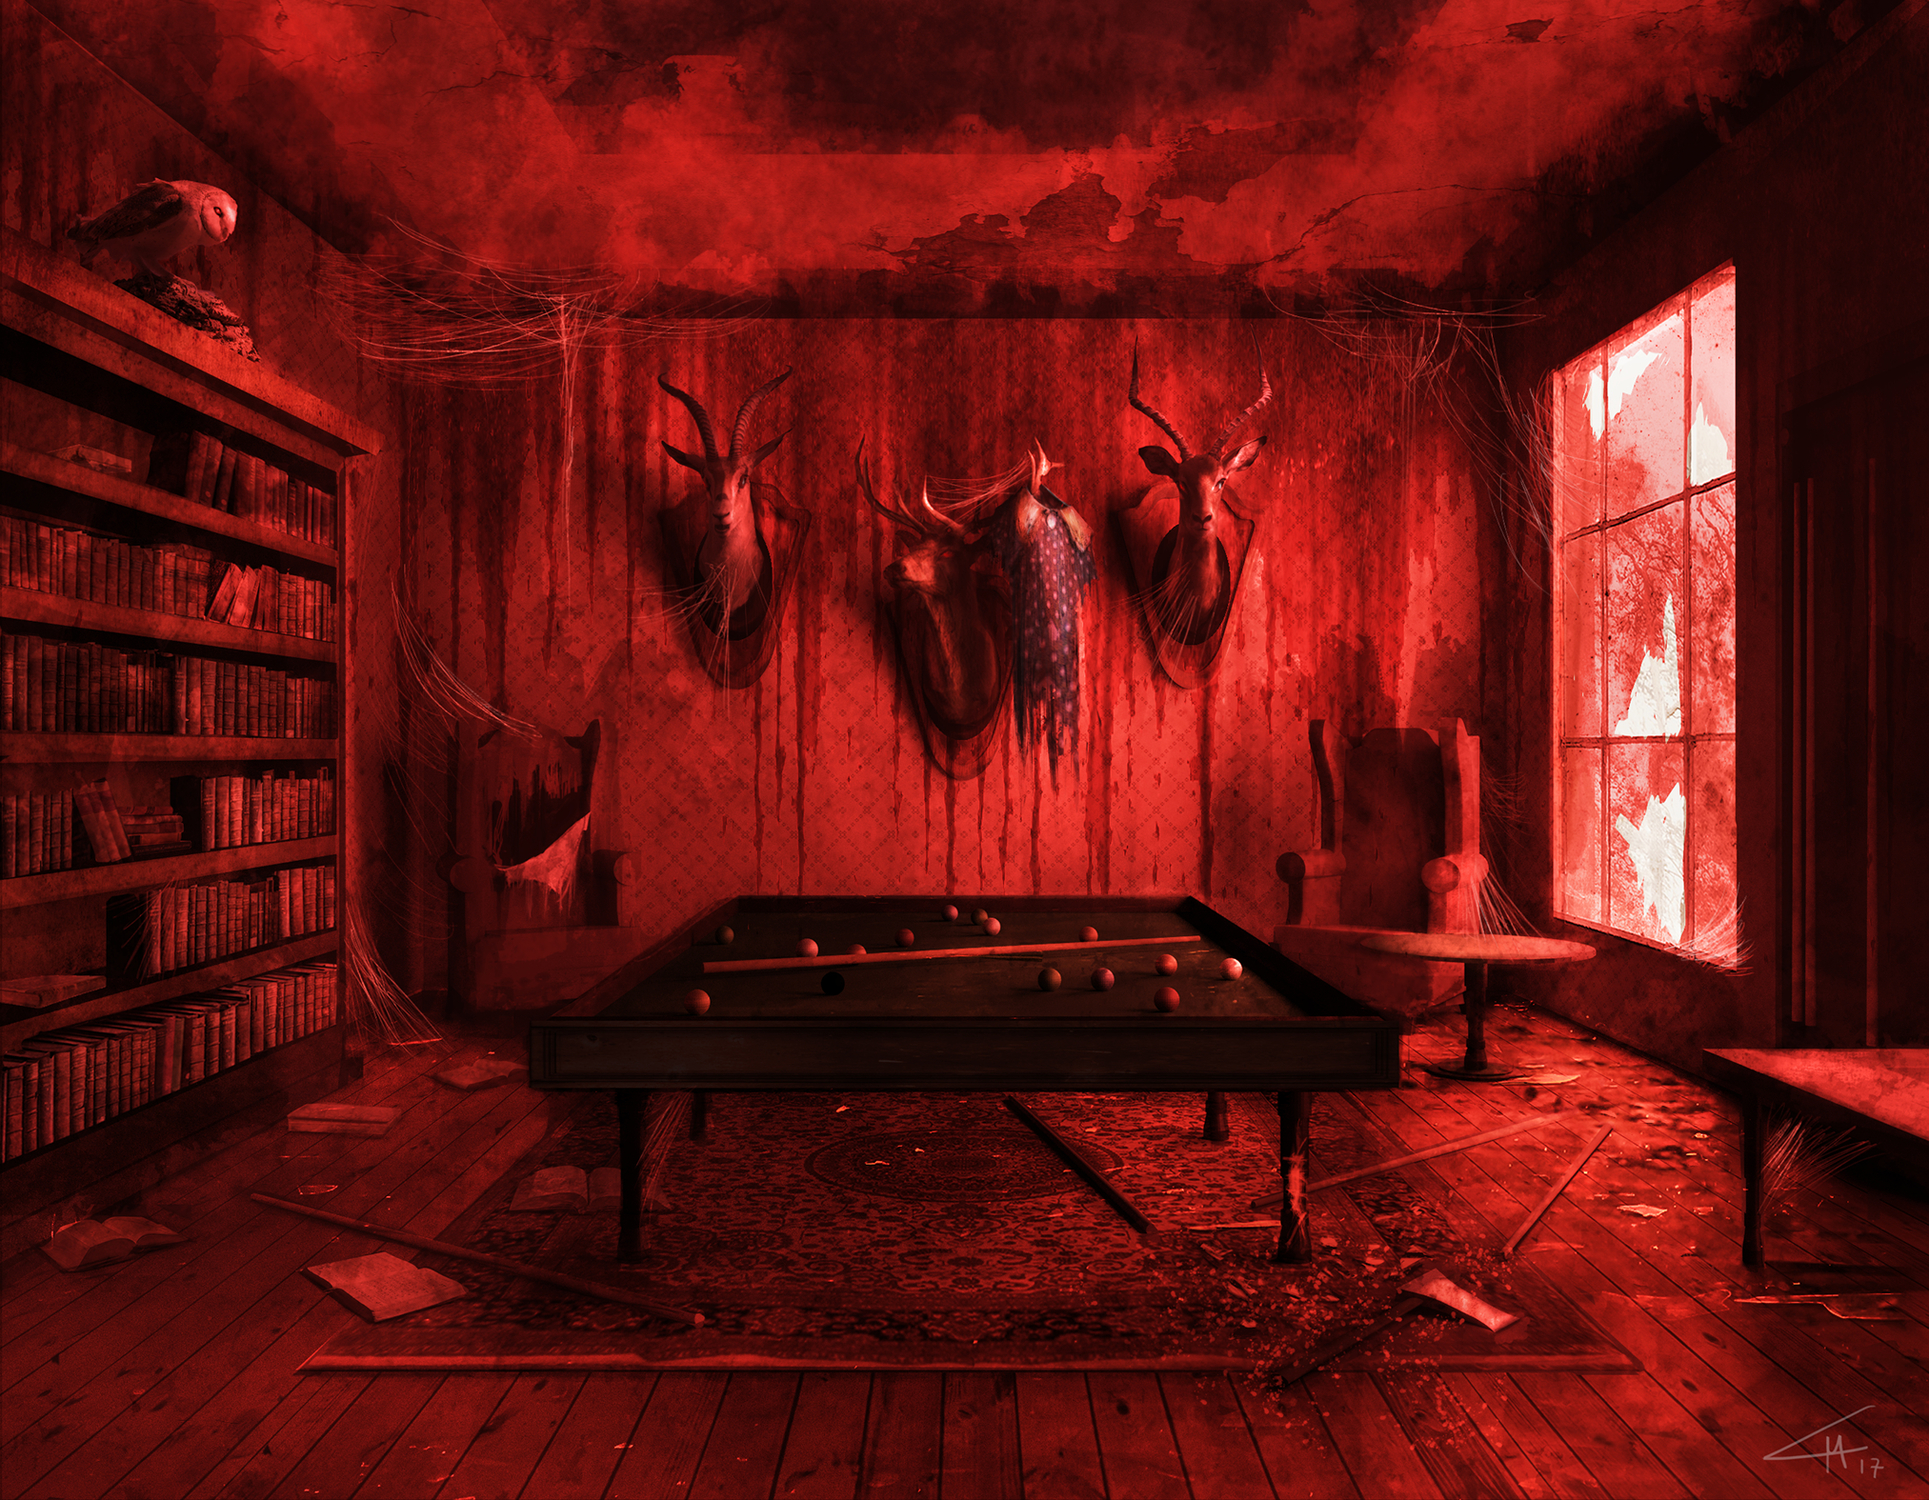 Billiard room Artwork by Luca Maria Mastrantonio